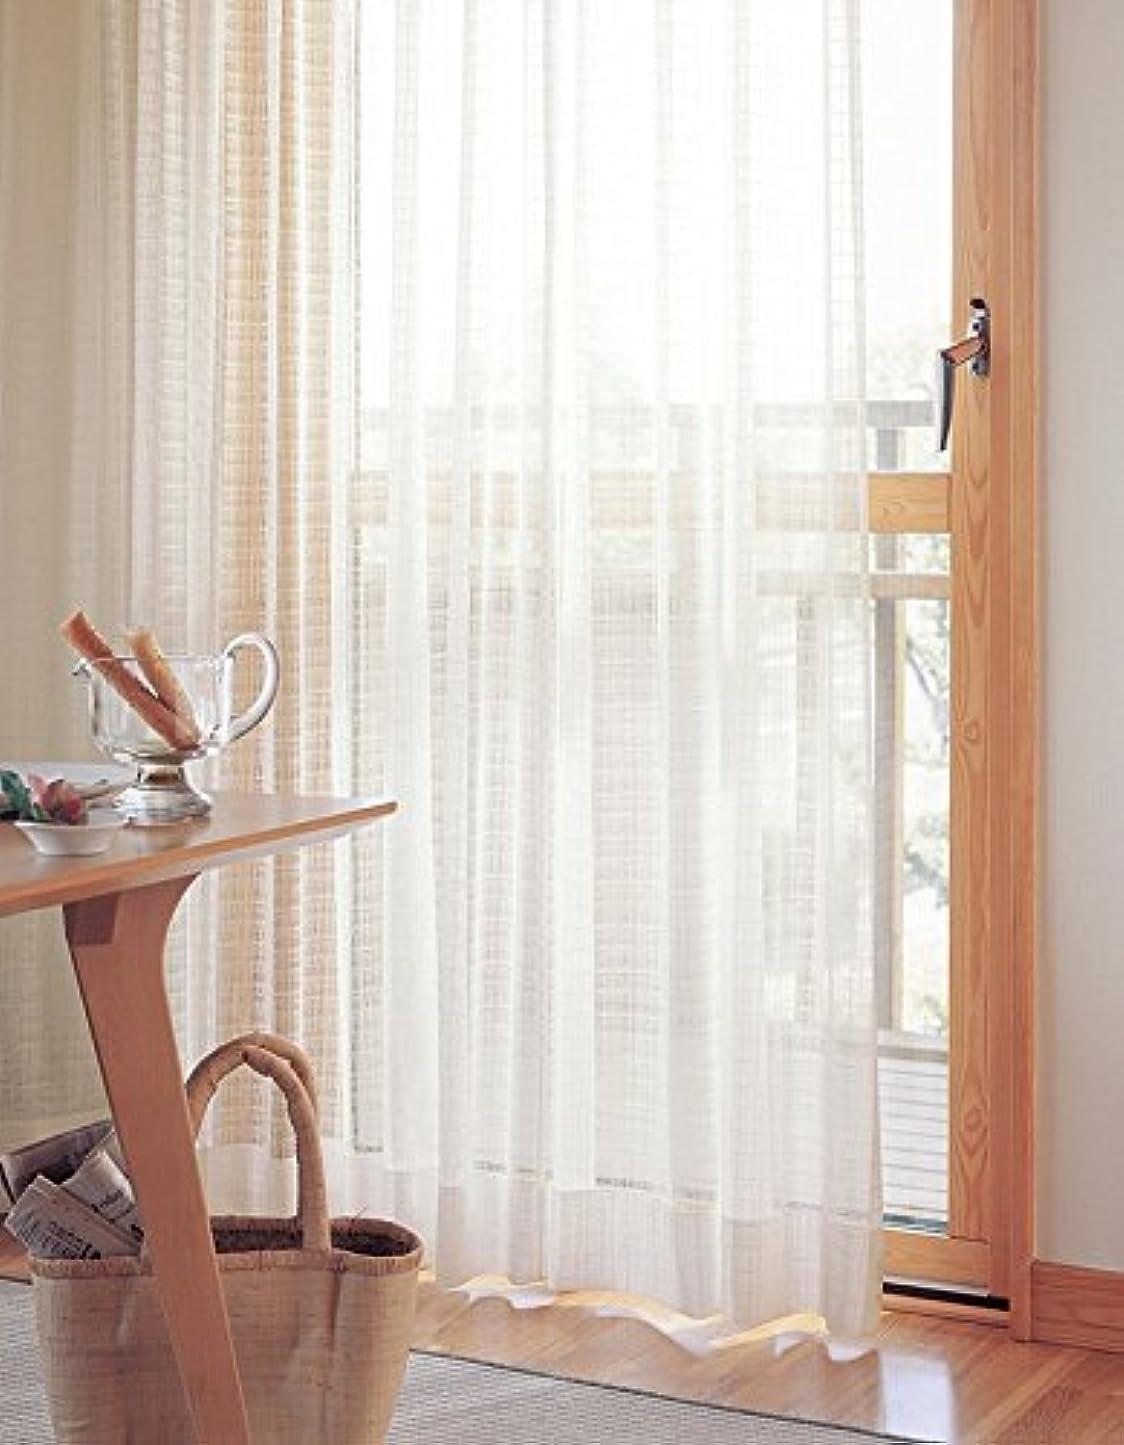 上級虚栄心実用的東リ カジュアルなチェック柄 カーテン2倍ヒダ KSA60434 幅:150cm ×丈:220cm (2枚組)オーダーカーテン